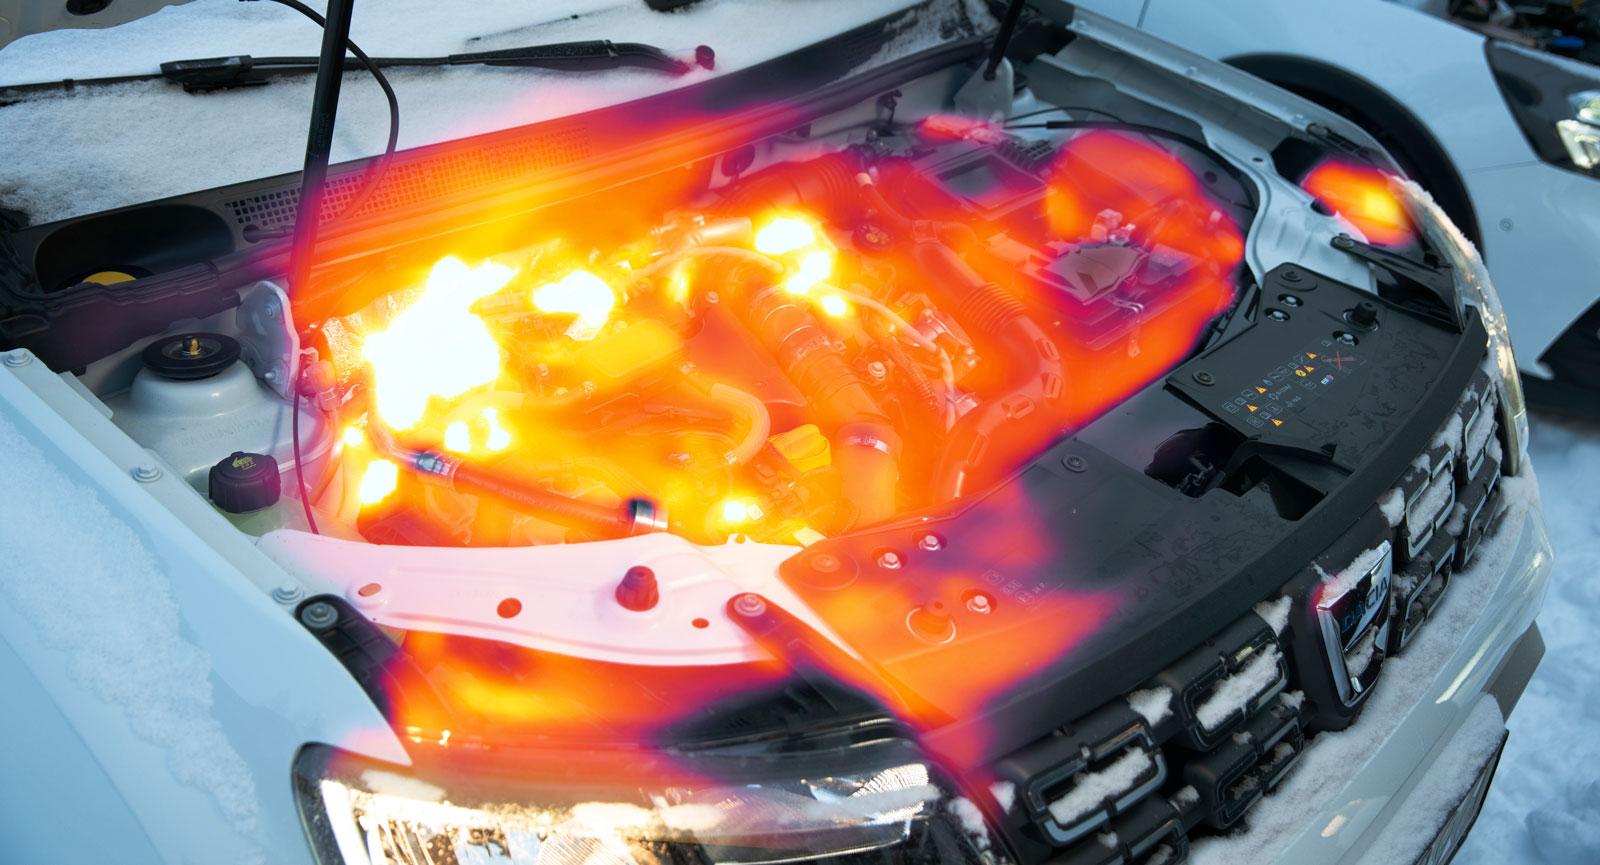 Motorbrand? Nej, en bild mest på skoj för att visa hur fotograf Simons värmekamera ser motorn i Dacia några minuter efter en kallstart.